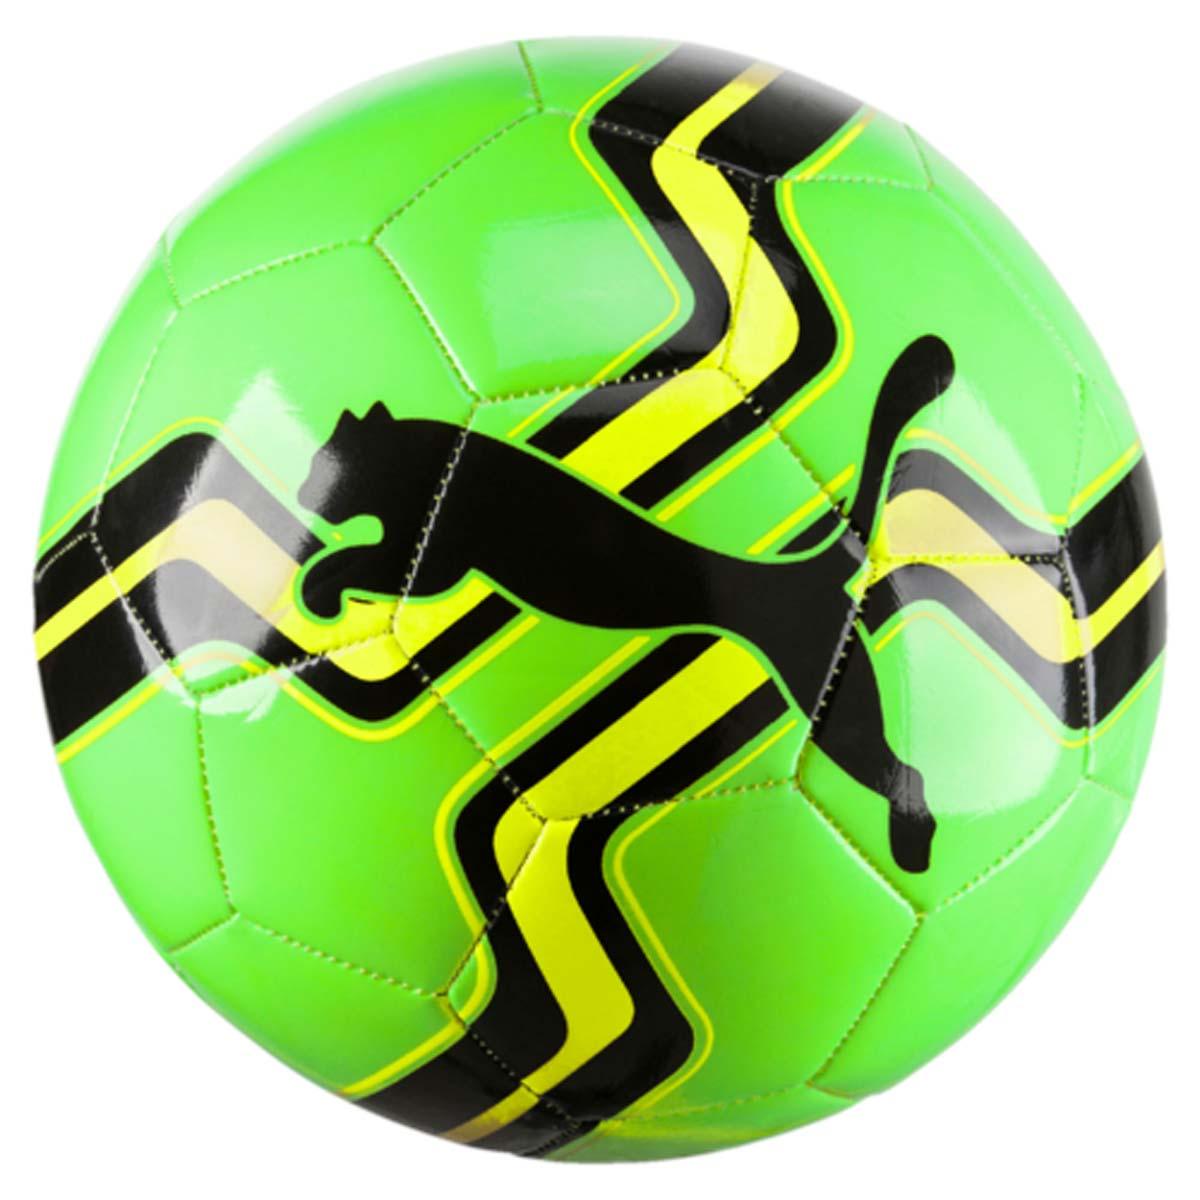 Мяч футбольный Puma Big Cat Ball, цвет: салатовый. 08275803. Размер 508275803